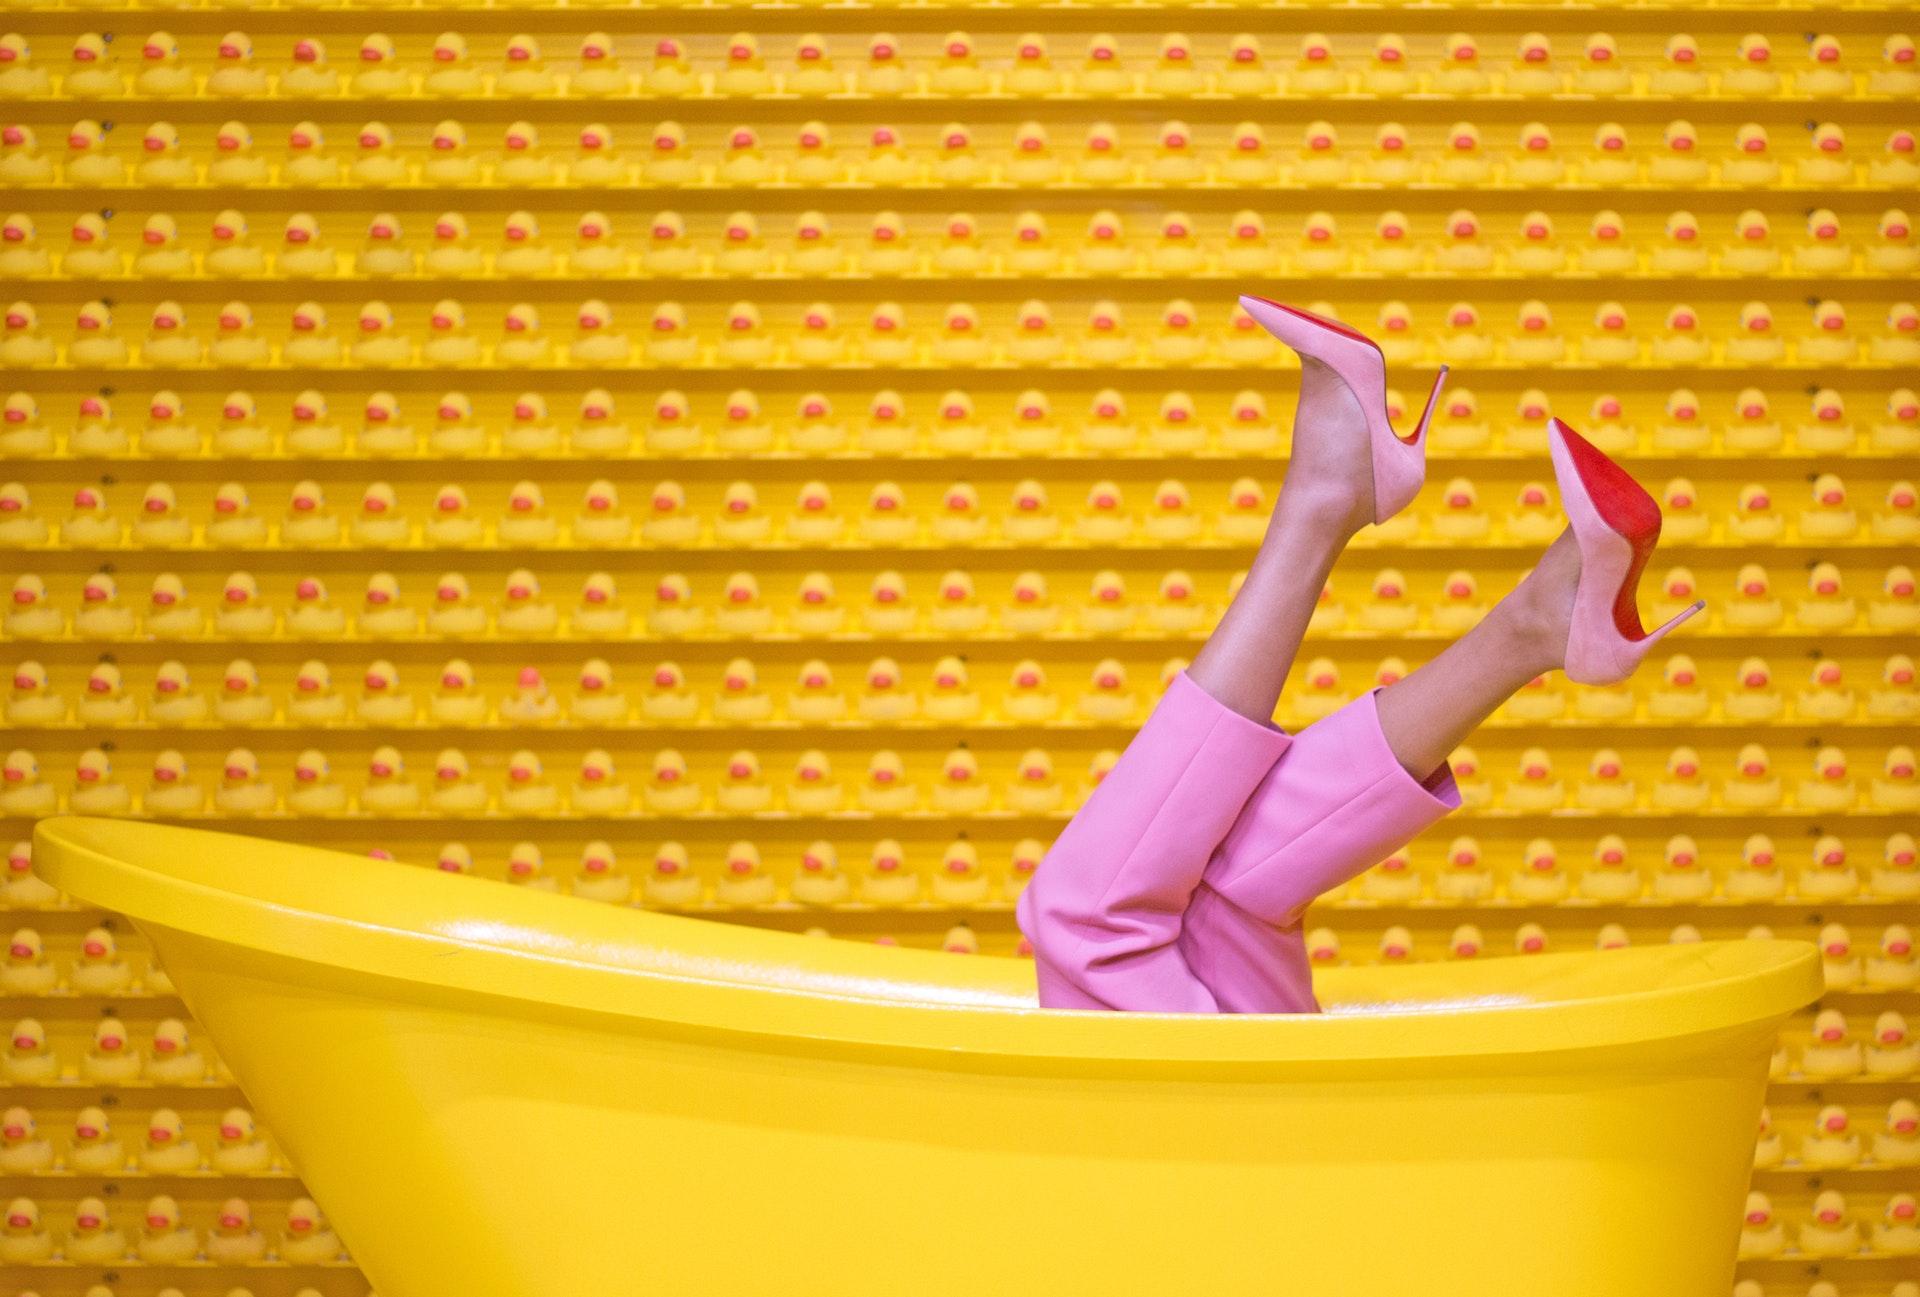 bathtub-shoes